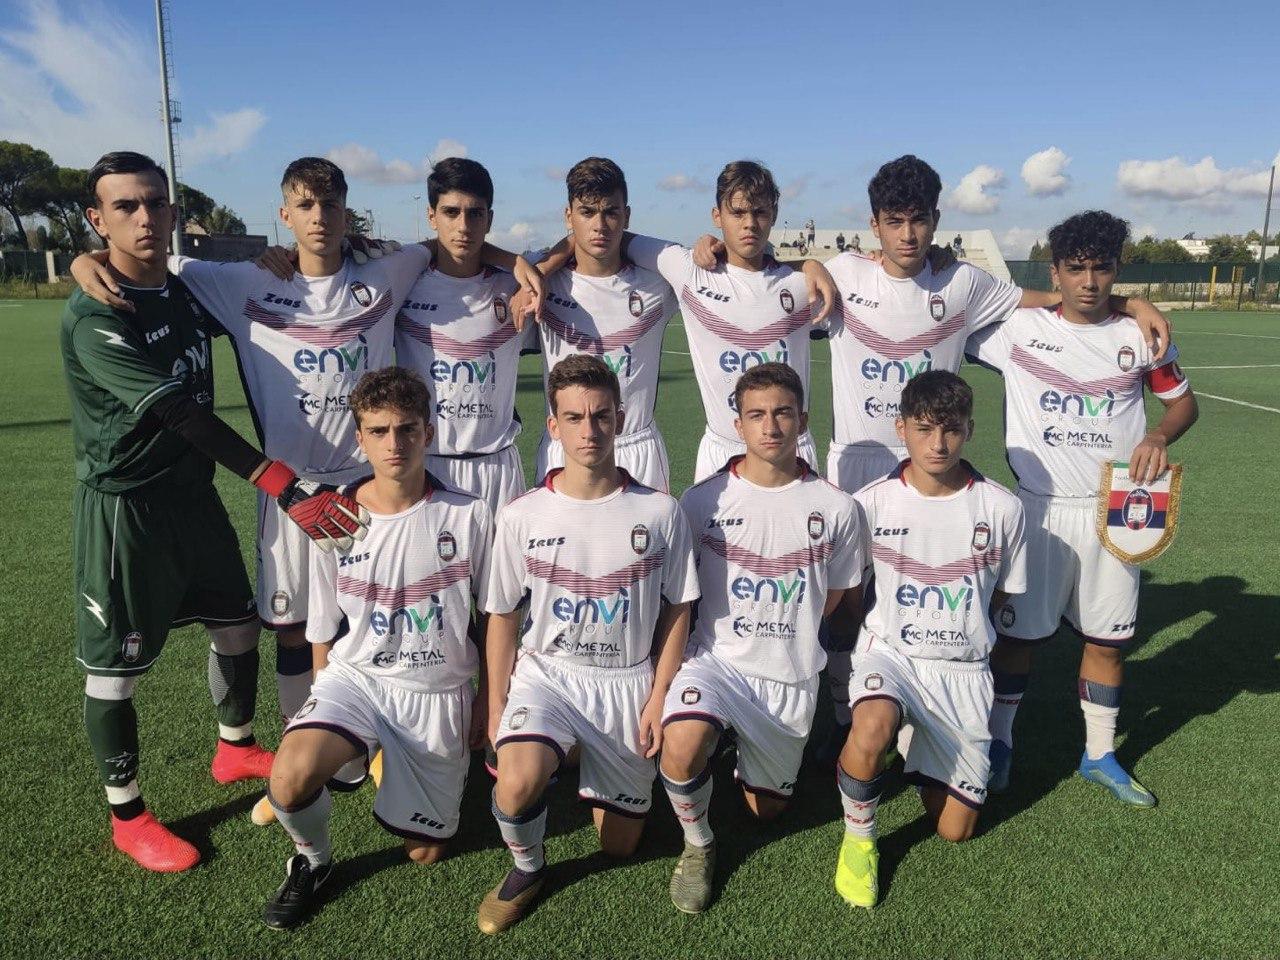 Settore giovanile, una vittoria e una sconfitta nella doppia sfida contro il Lecce